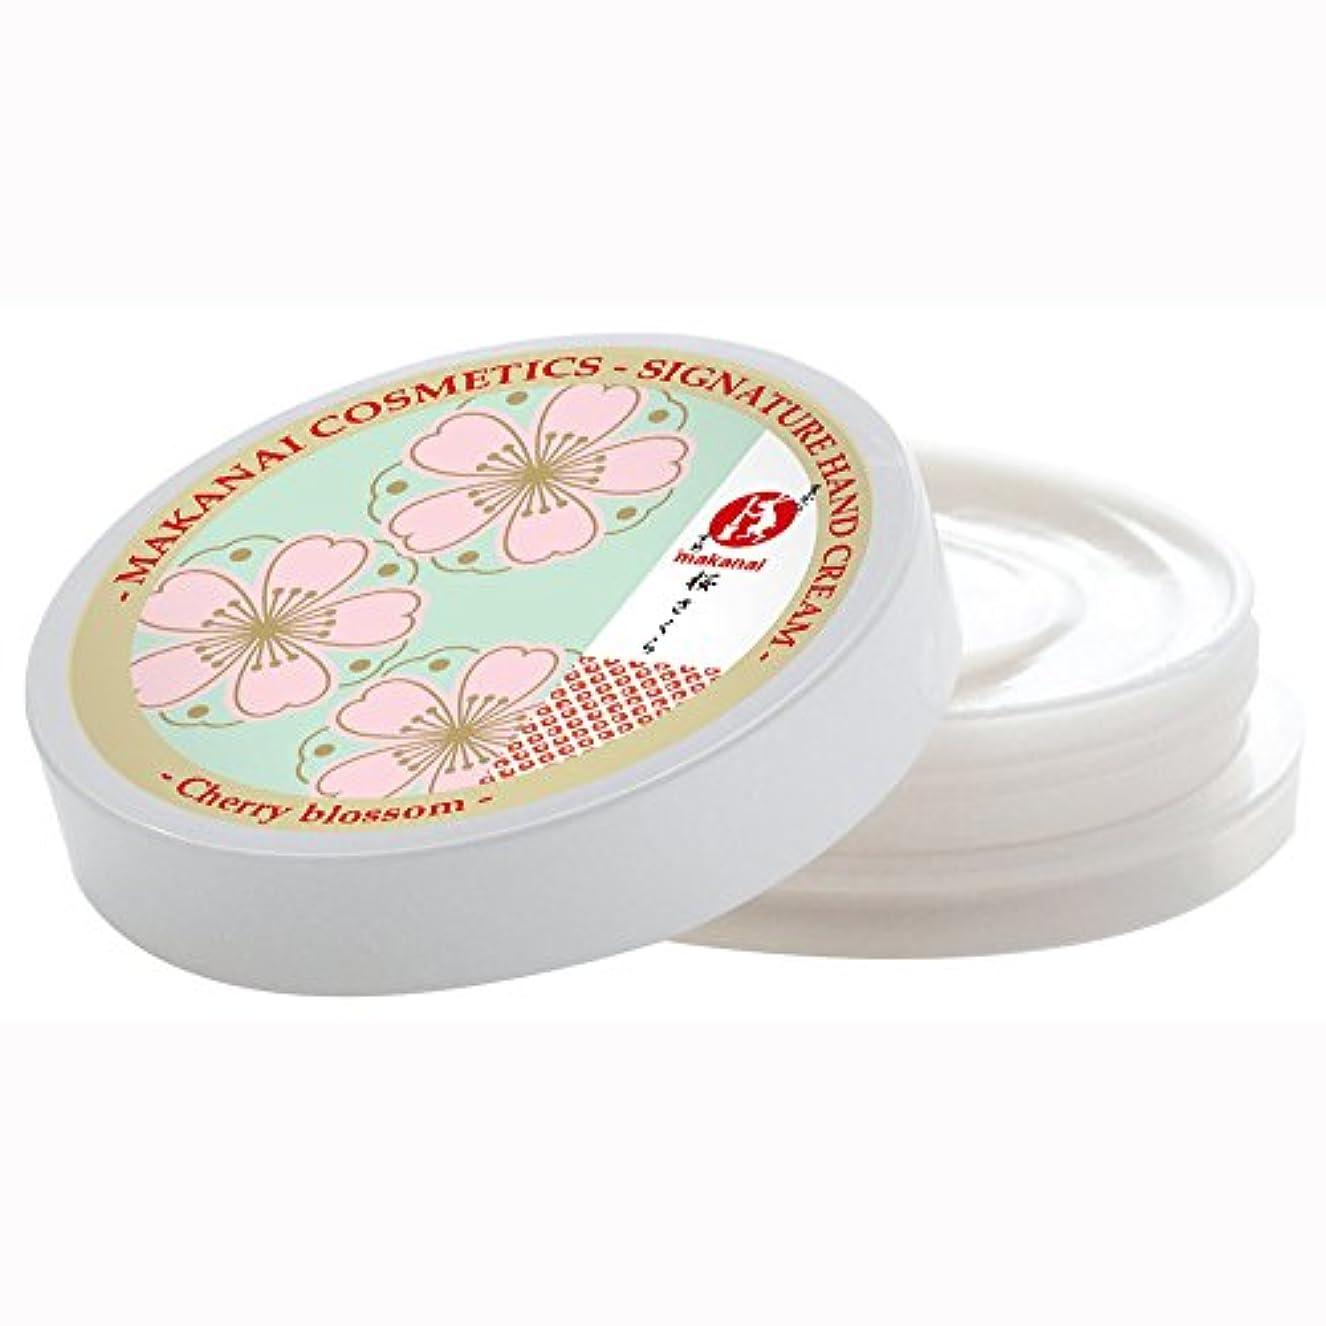 金曜日満足できるまかないこすめ 四季折々 絶妙レシピのハンドクリーム(桜)